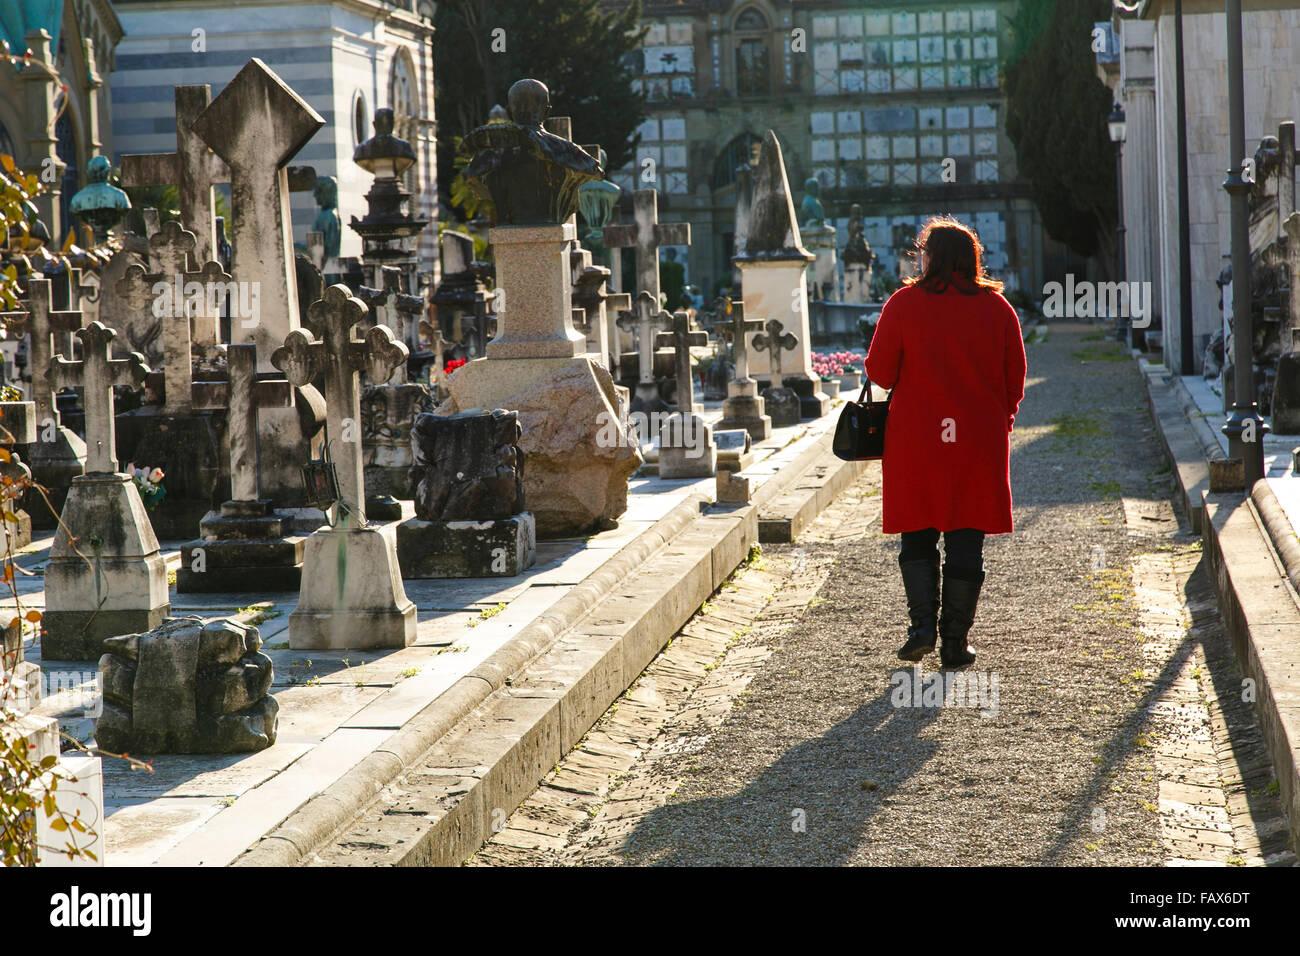 Mujer con abrigo rojo sobriamente caminando por el cementerio de Florencia, Italia. Foto de stock